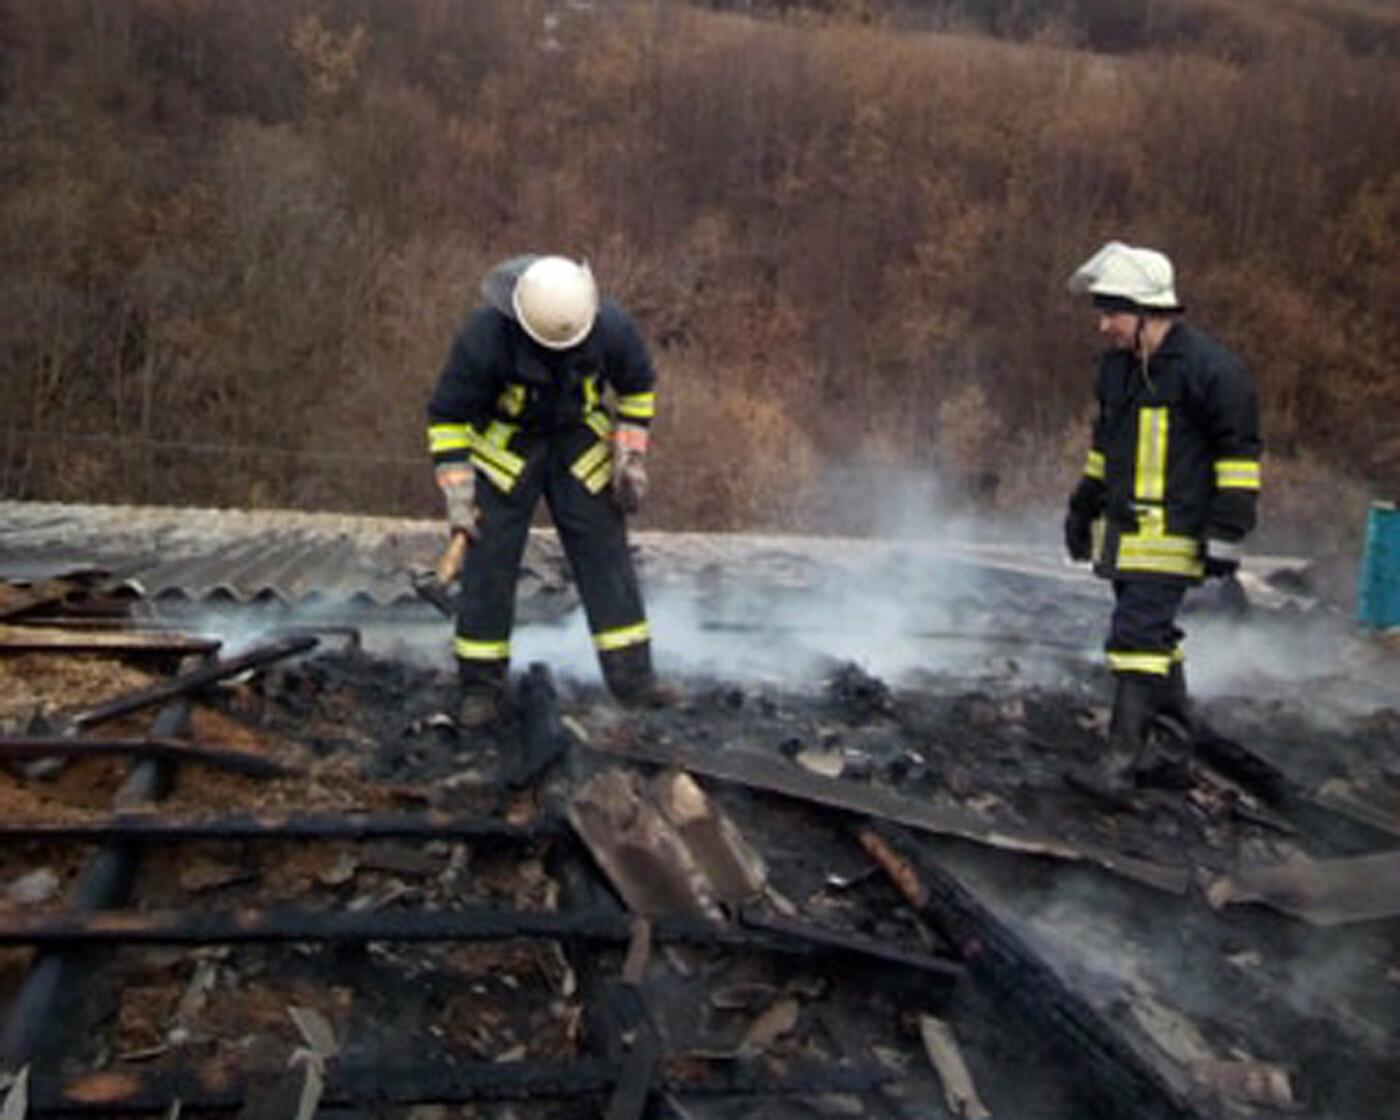 Закарпатські вогнеборці врятували від пожежі цех для вирoбництва паливних брикетів (ФОТО), фото-2